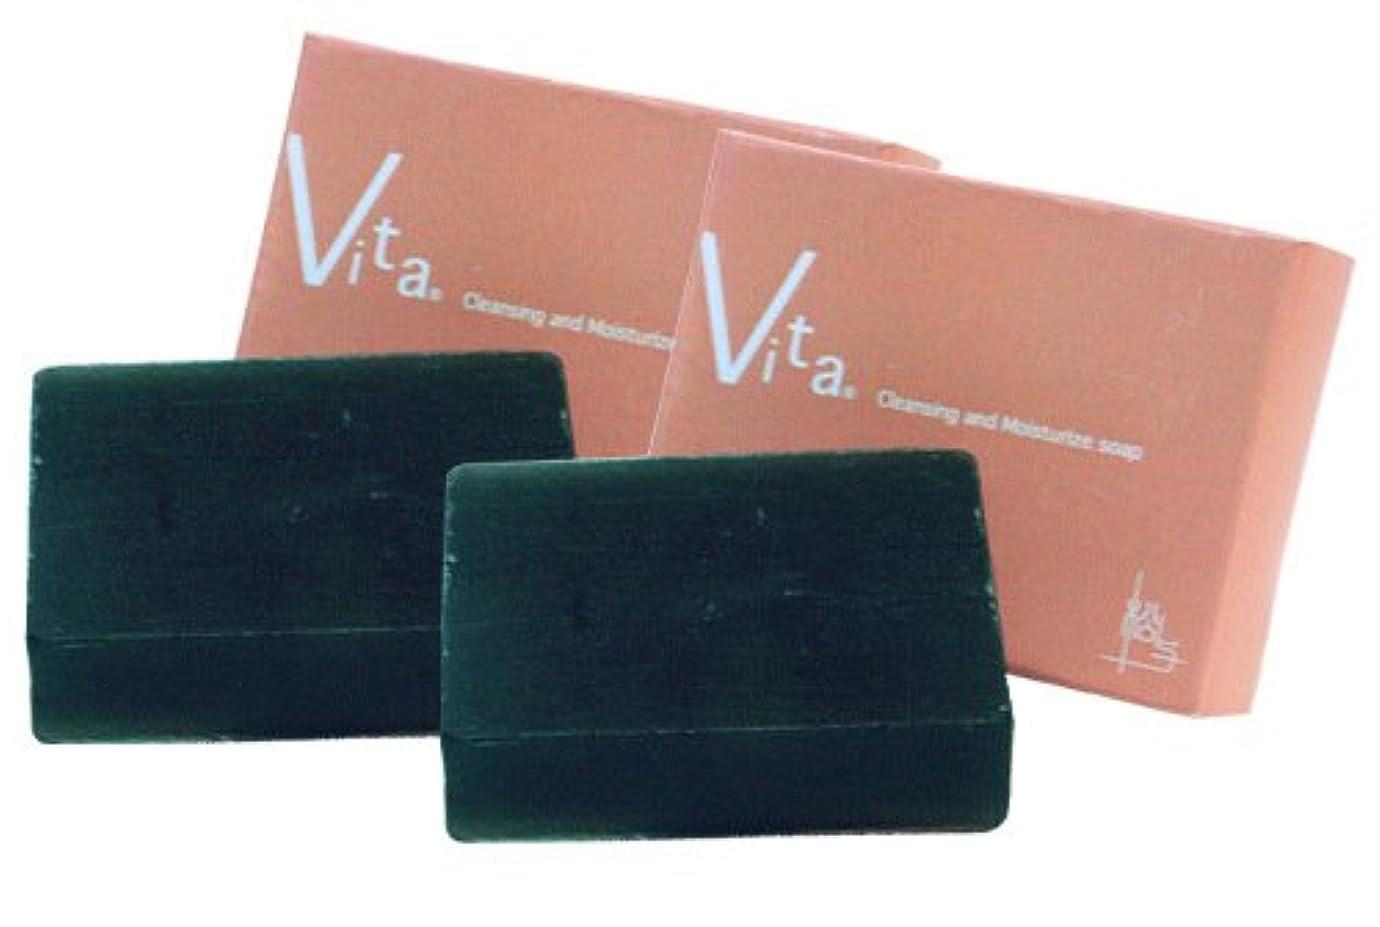 違反する含む置くためにパックVITA(ヴィータ) 石鹸 EM140 70g×2個入り